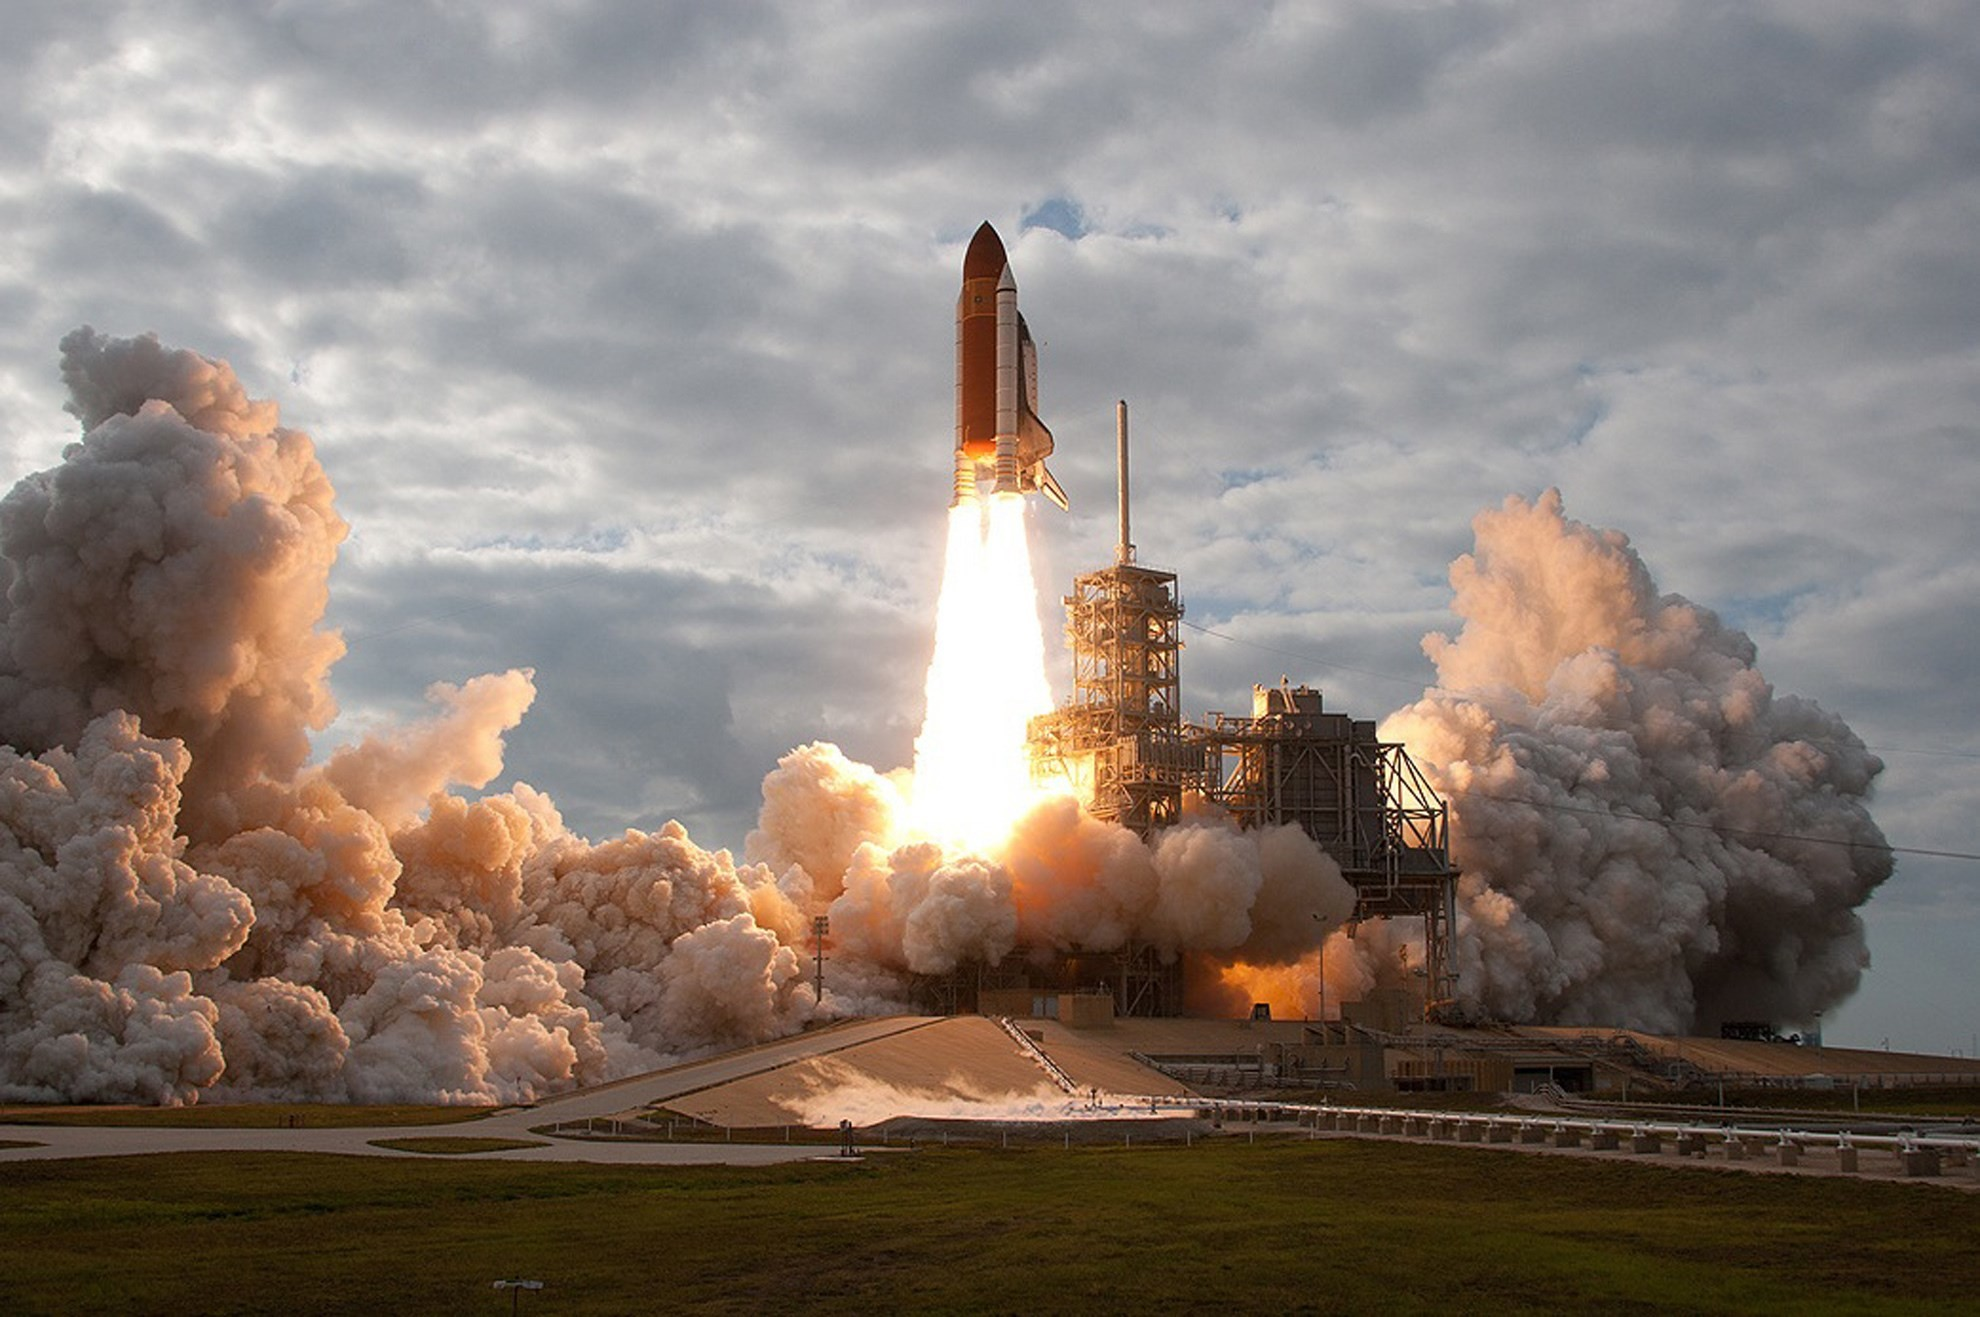 nasa rocket launches - HD1920×1200